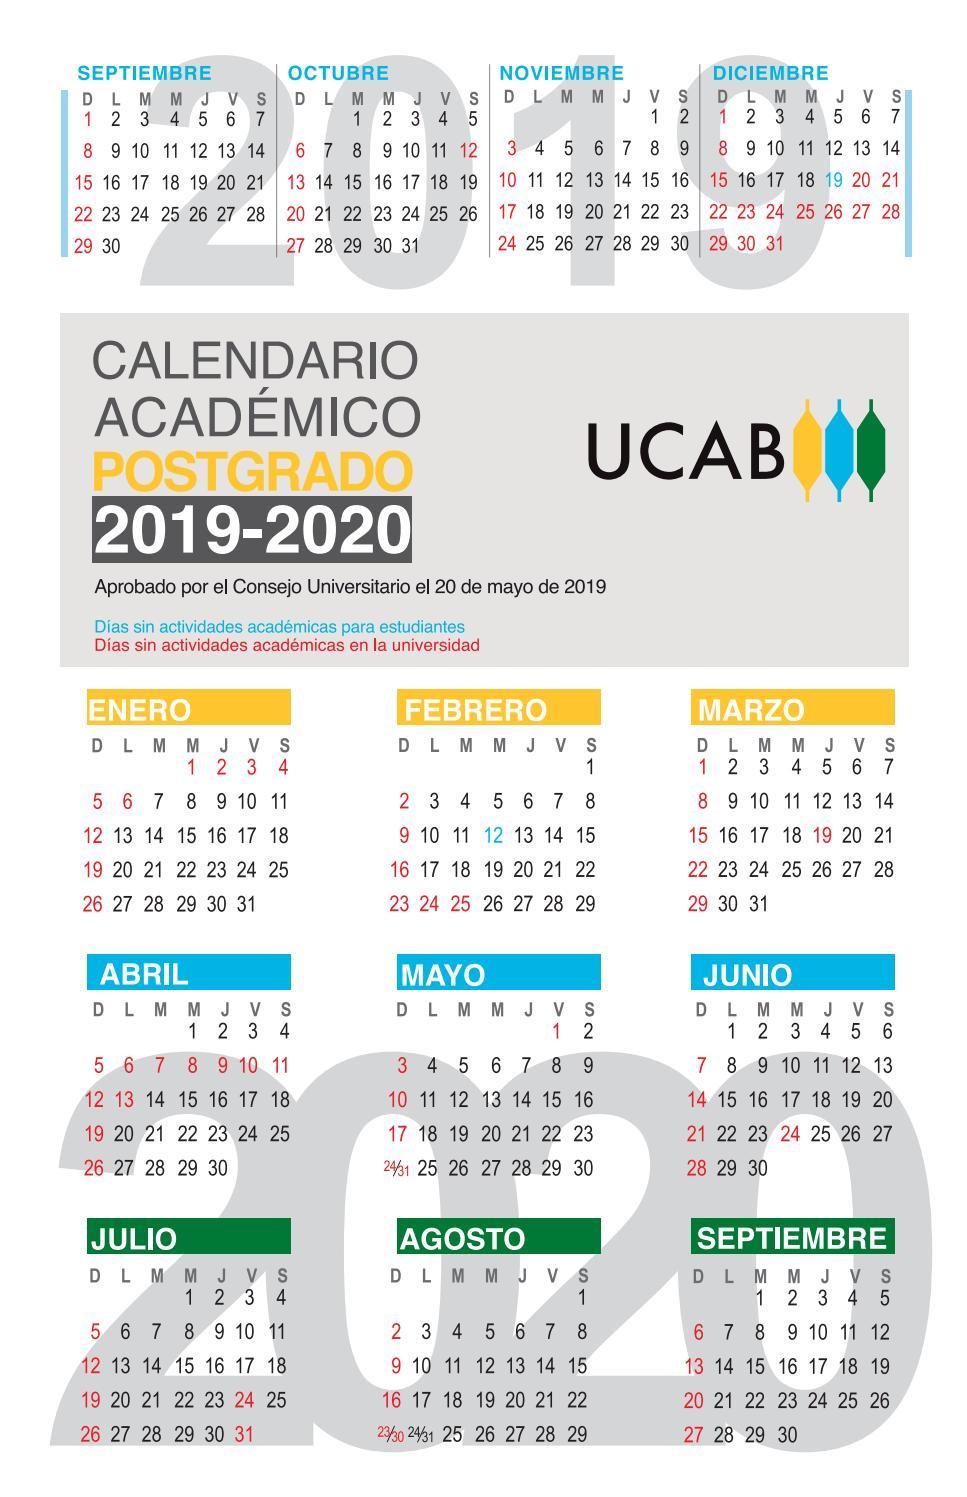 Agosto 2020 Calendario.Calendario Academico Postgrado 2019 2020 Ucab By Ucab